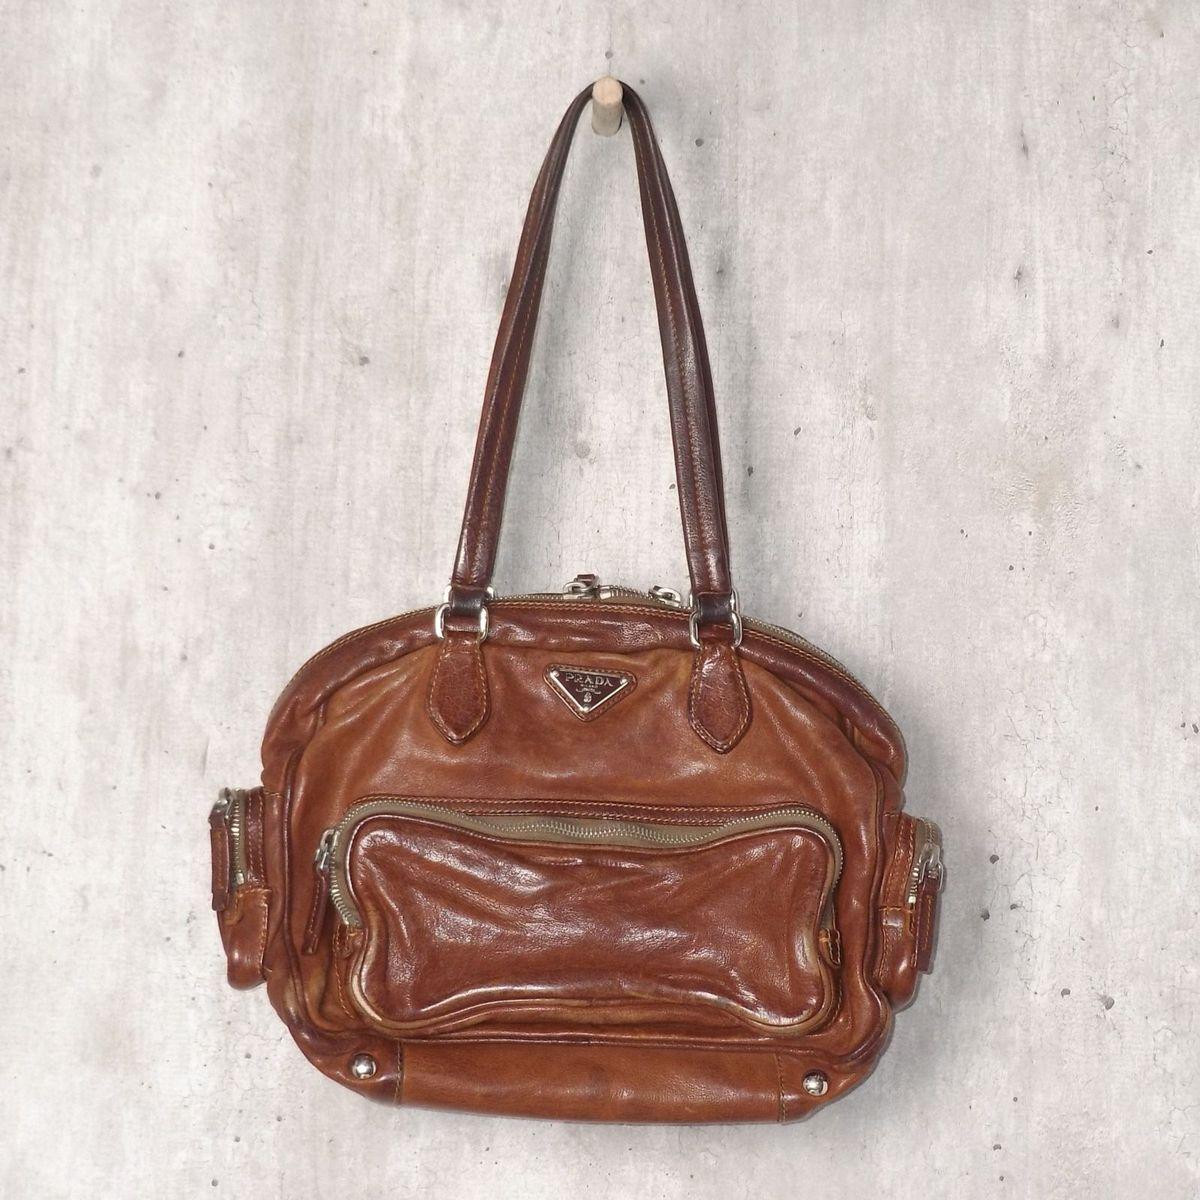 a5789a4d4 Bolsa de Couro Prada | Bolsa de Ombro Feminina Prada Usado 30464745 | enjoei